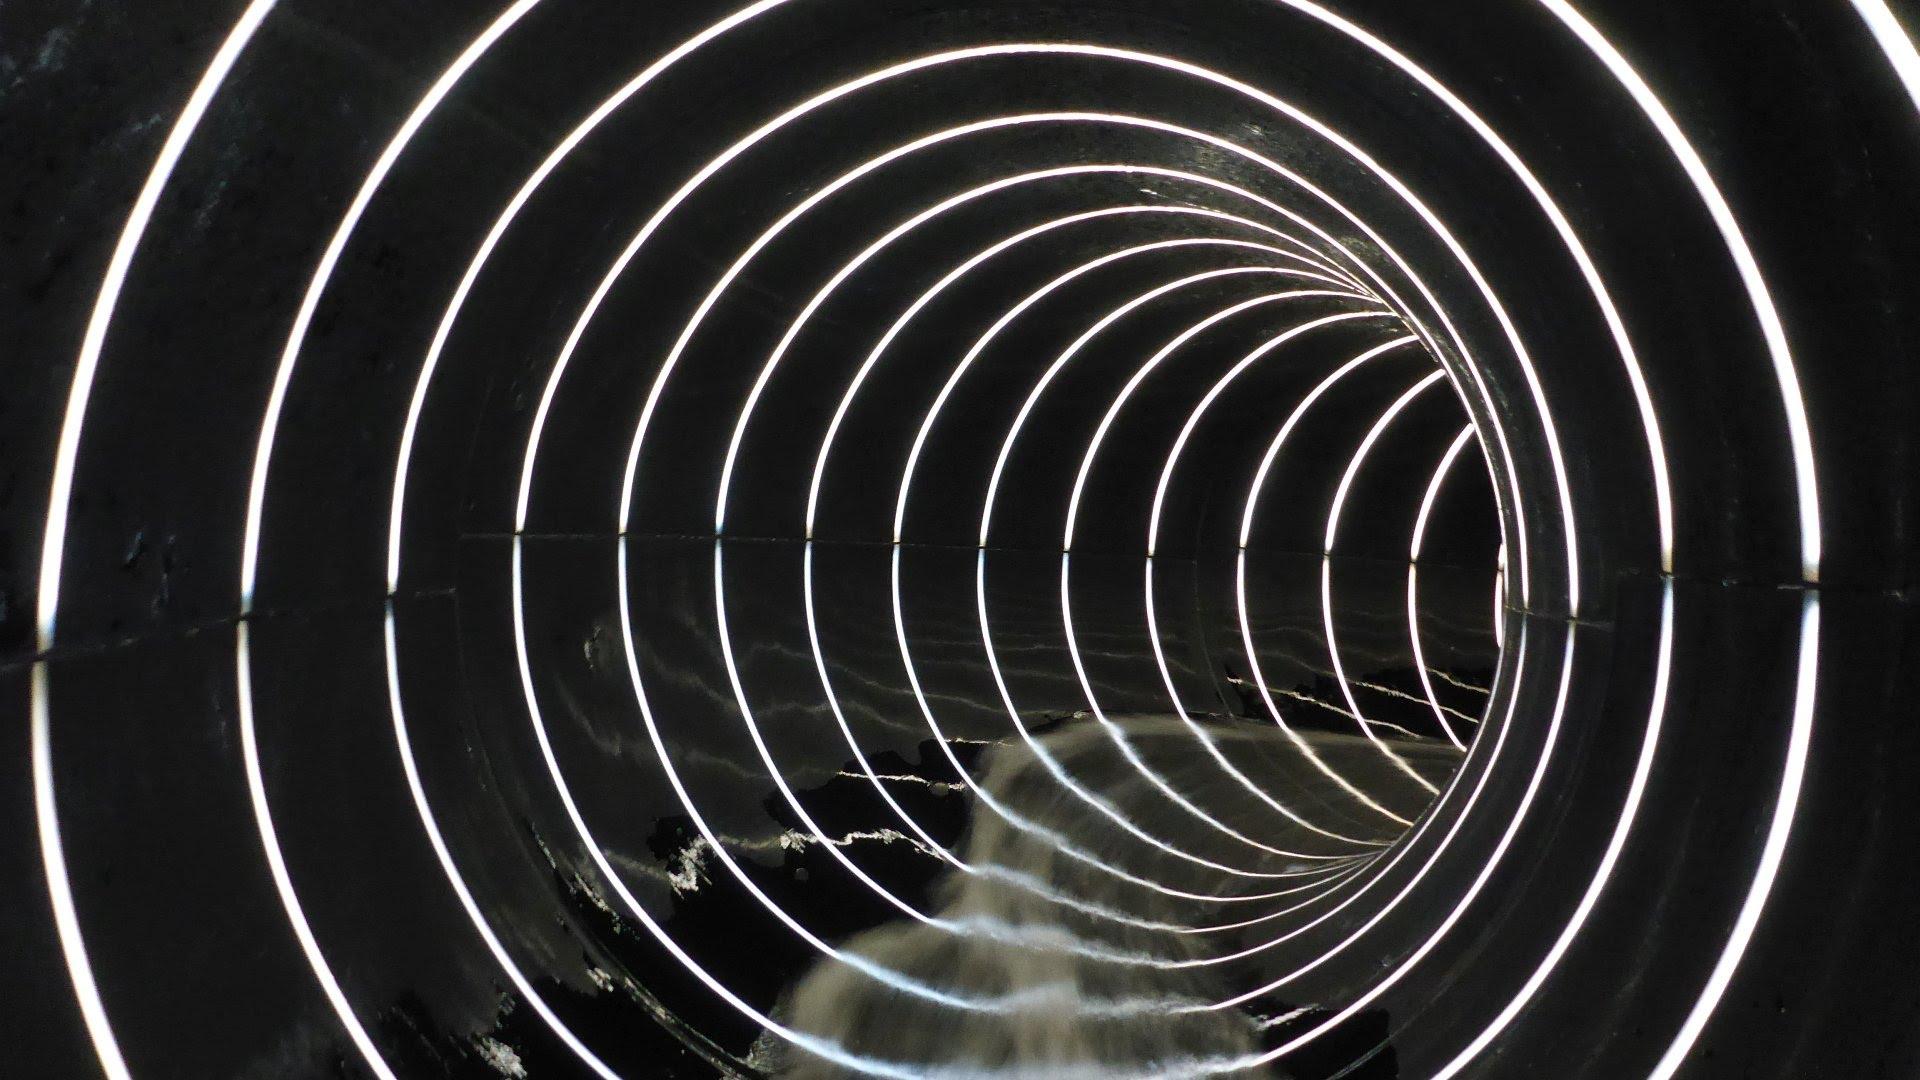 Wonnemar Bad Liebenwerda - Black Hole Onride